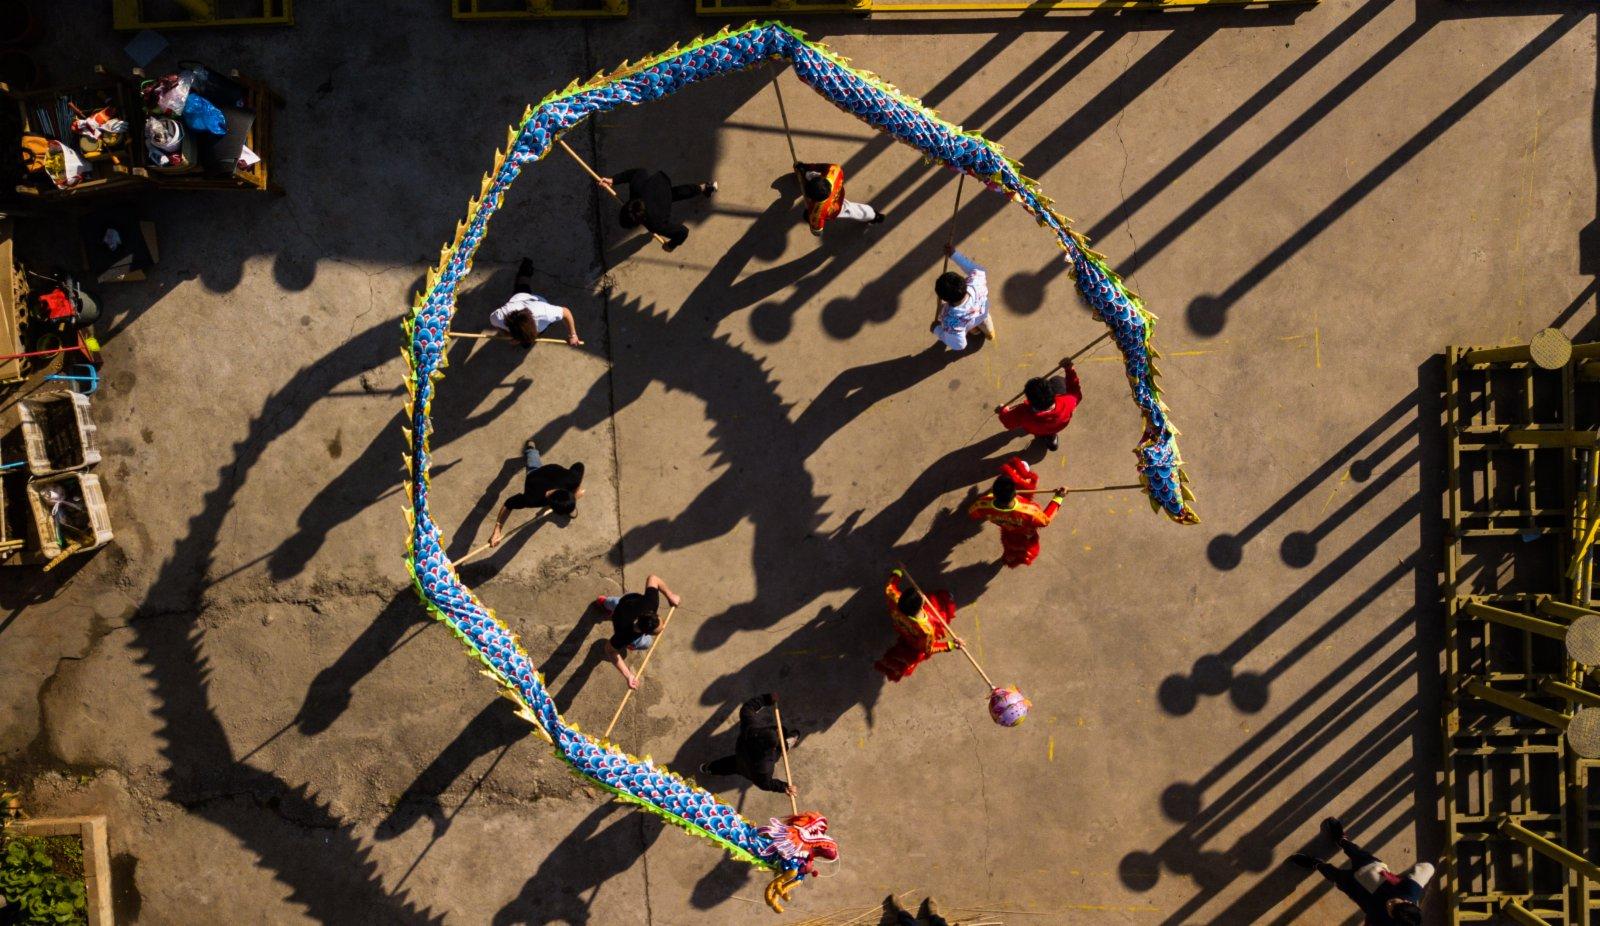 這是2月3日拍攝的舞龍練習(無人機照片)。(新華社)